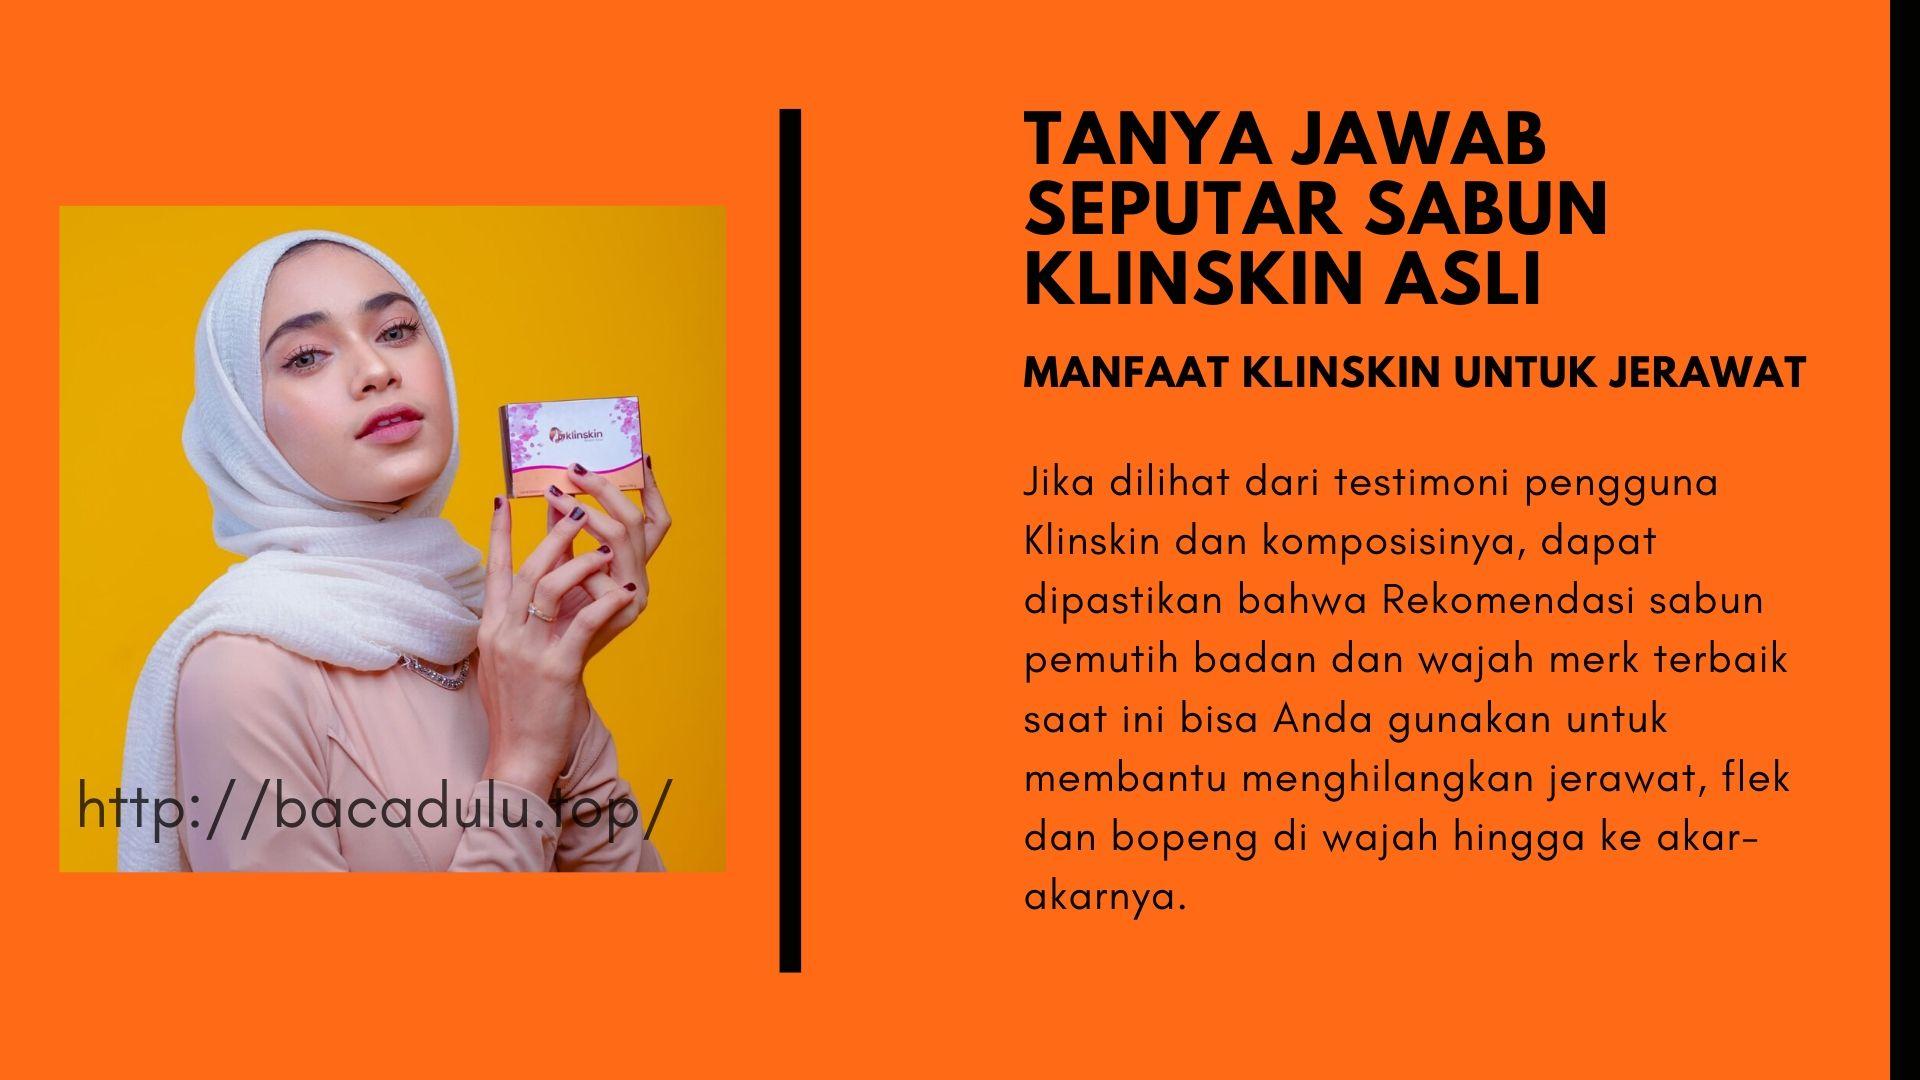 Sabun Klinskin untuk Jerawat, Bopeng dan Flek di Wajah, Bisakah ?